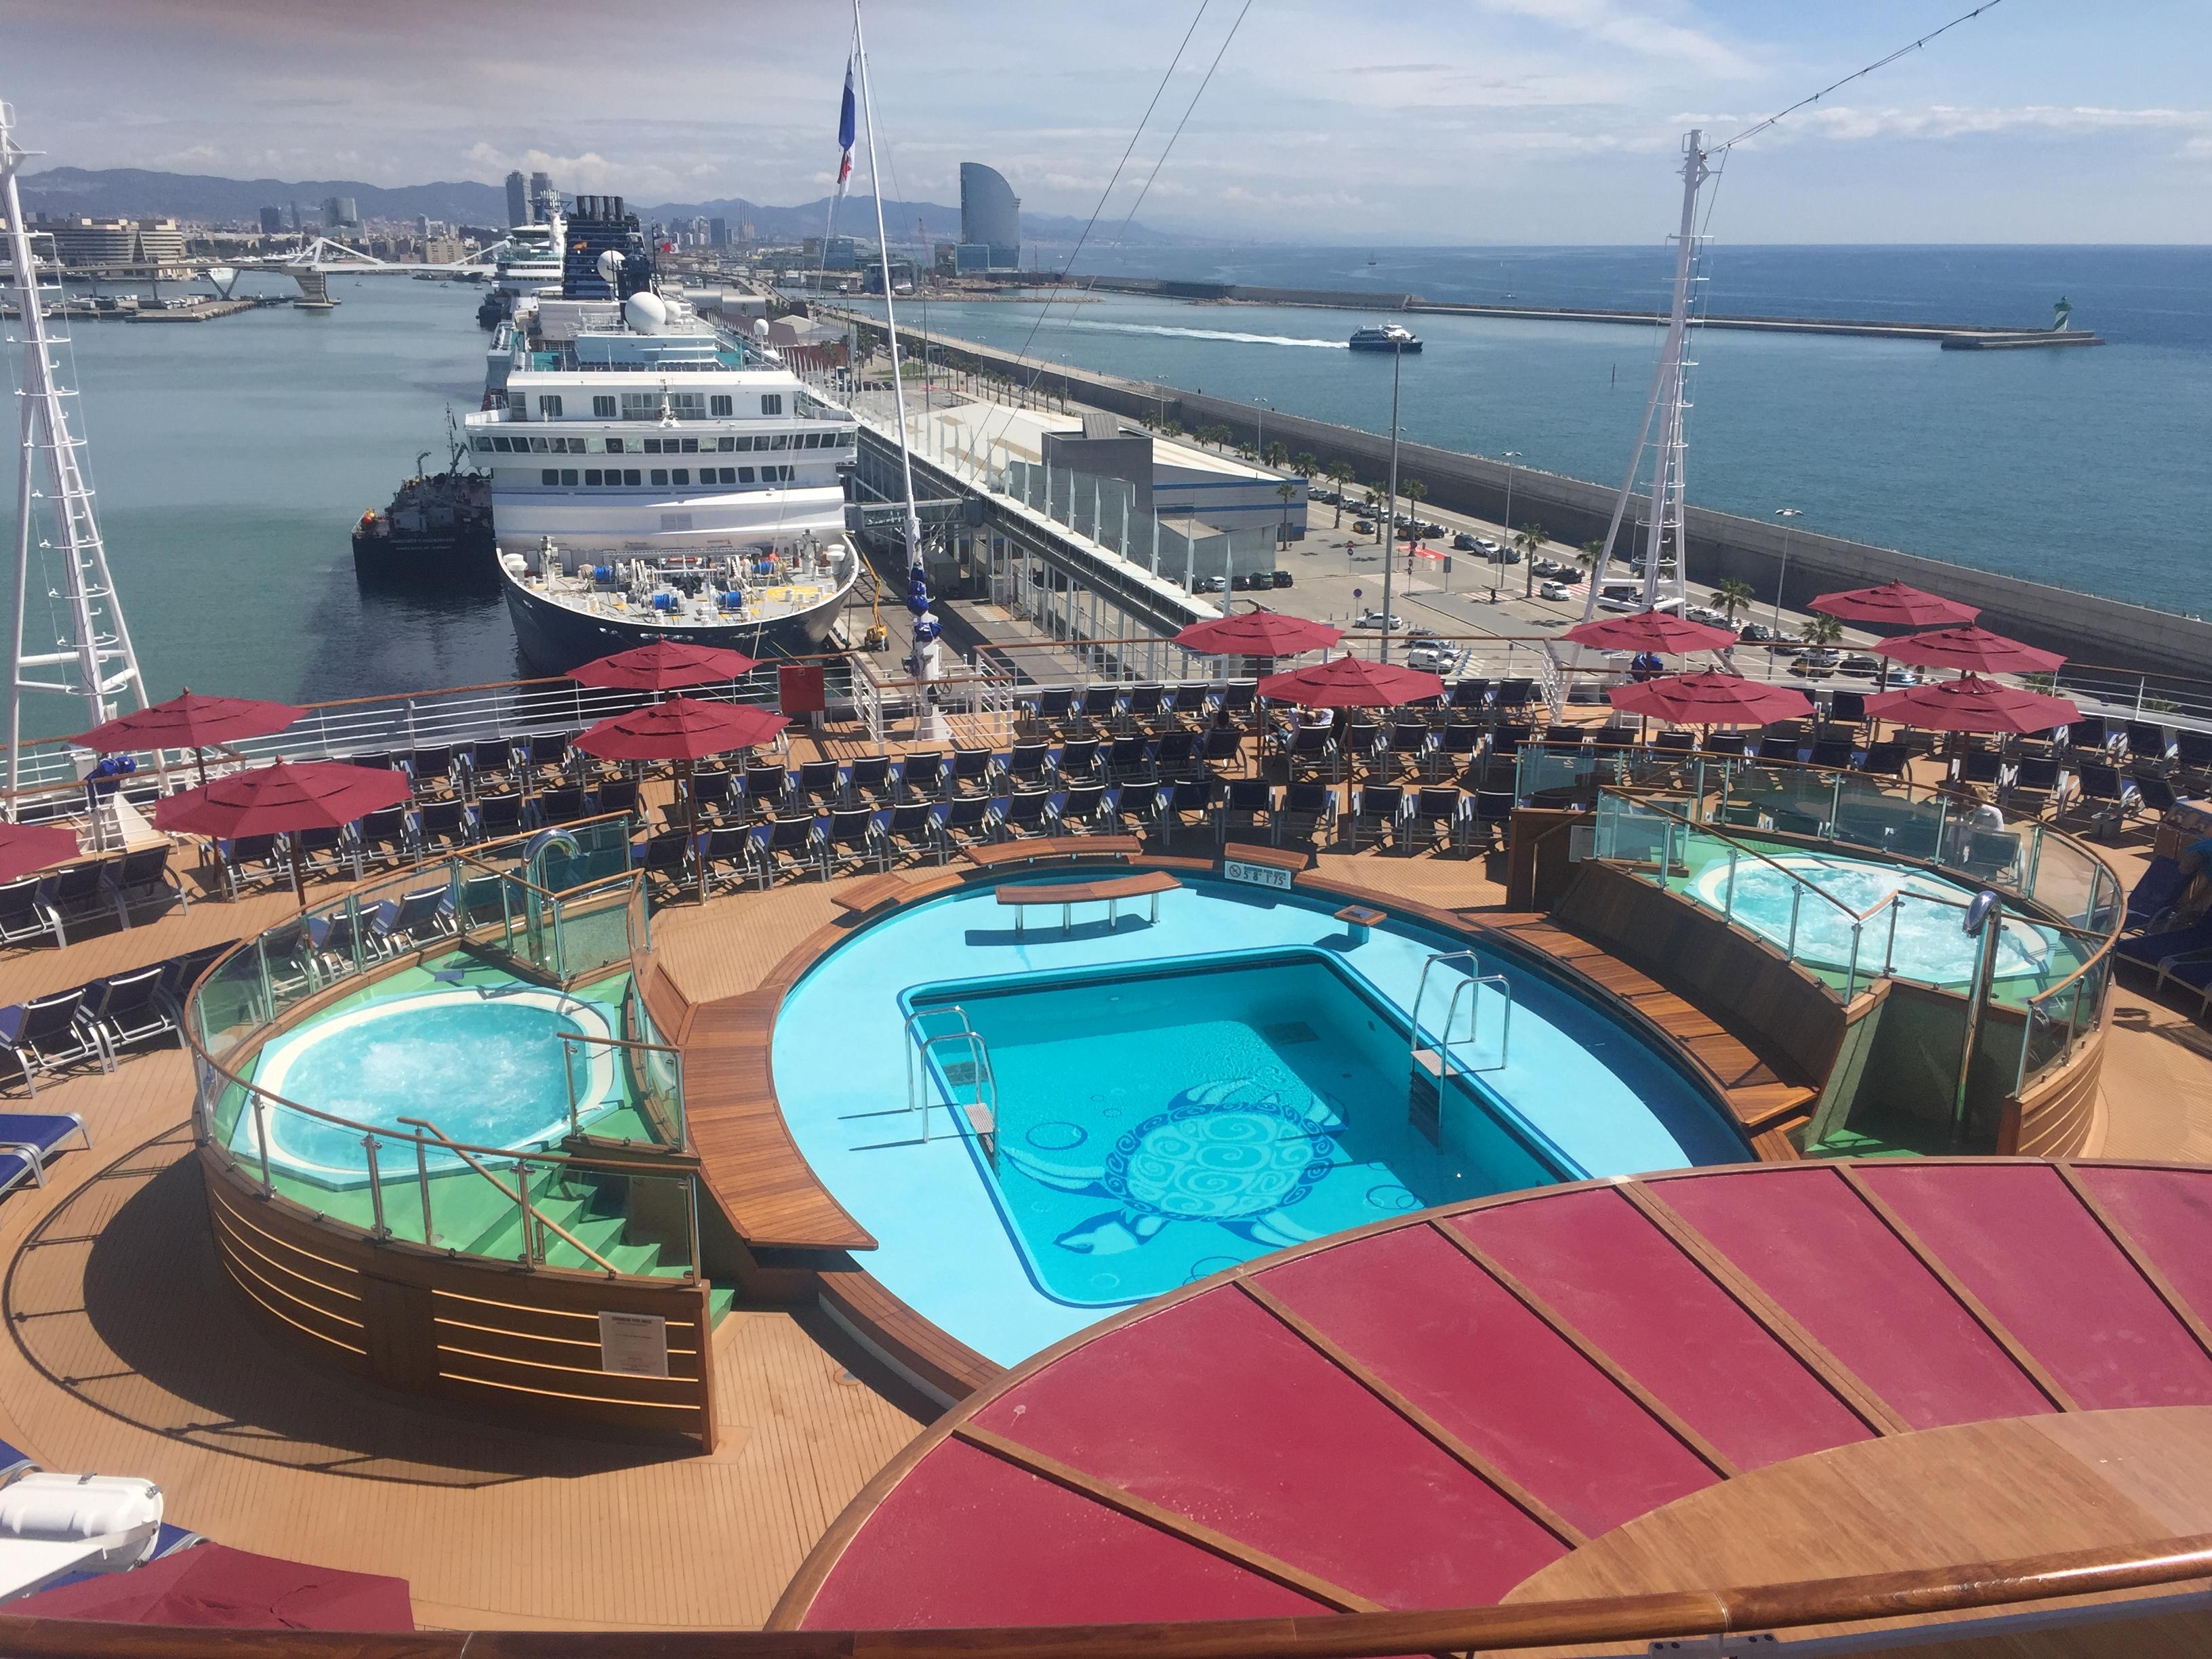 8b039906e787e crucero-carnival-vista-nuevo-barco-carnival-cruise-line-piscina -